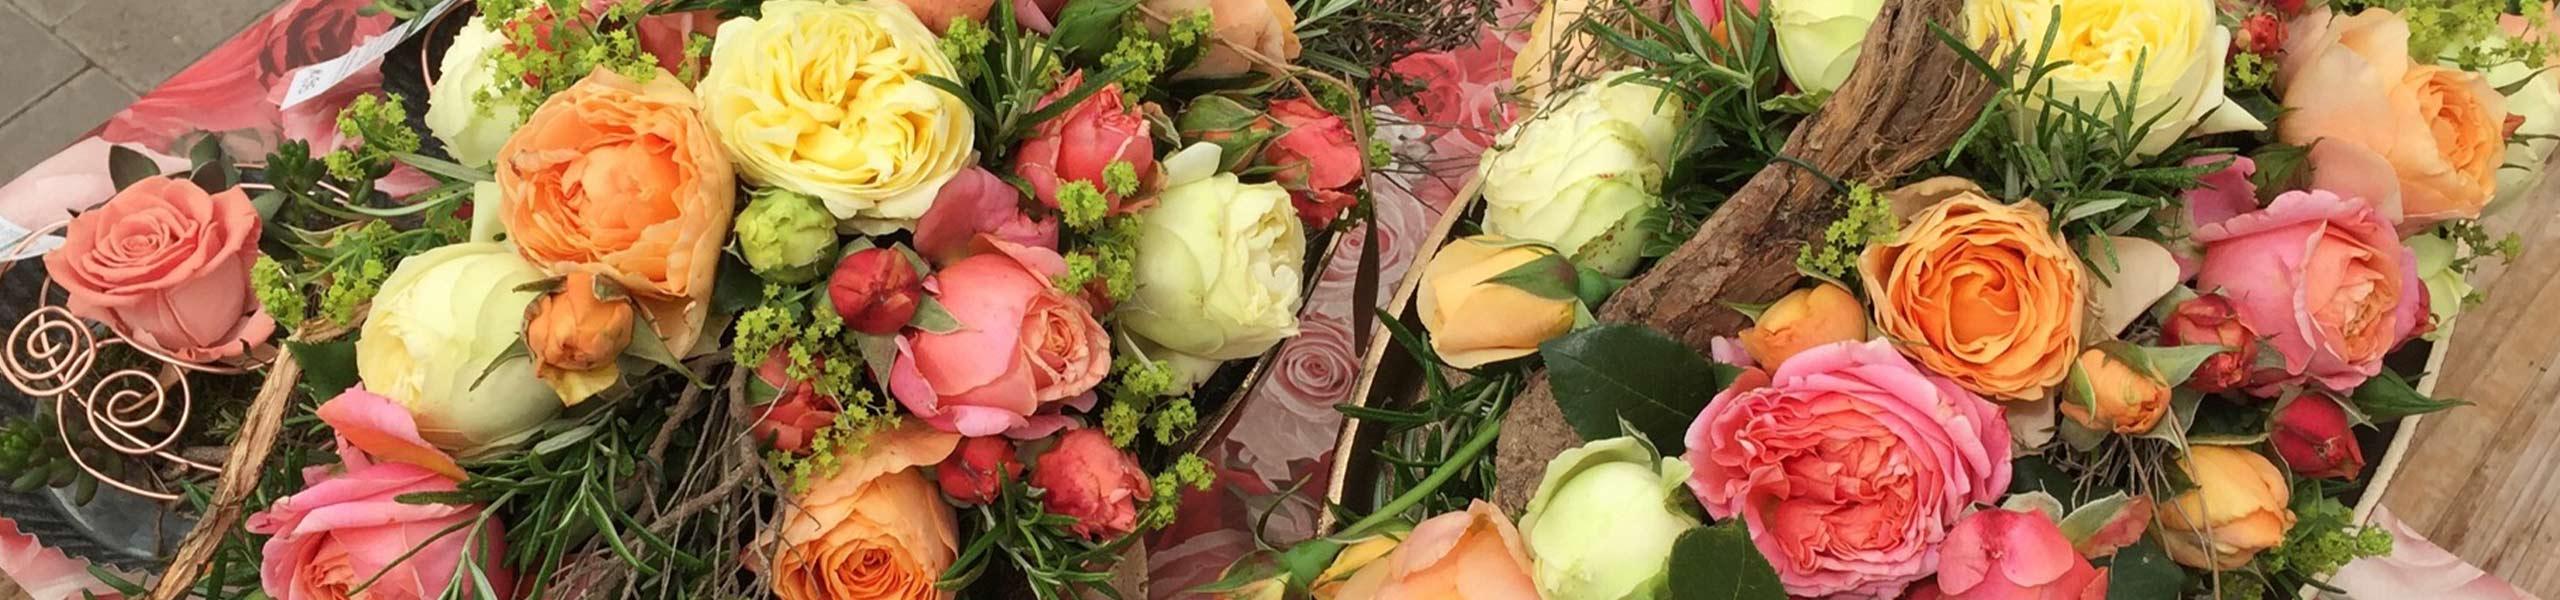 Floristik von Weinsberger Rosen